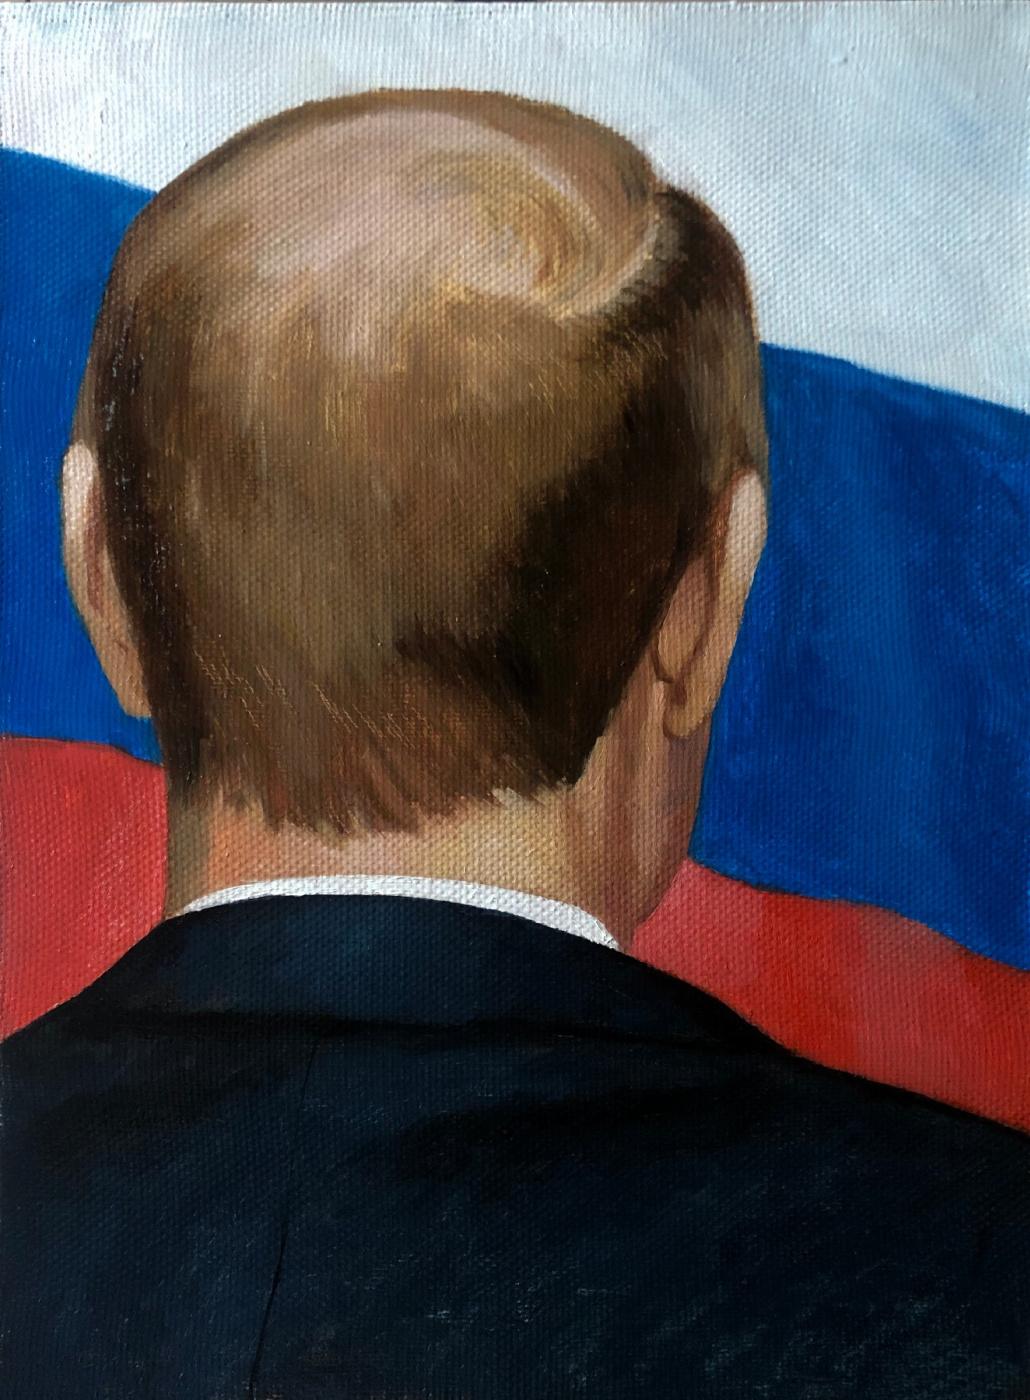 Ibrahim Gadzhimuratovich Ikhlazov. V.V. Putin. Back view